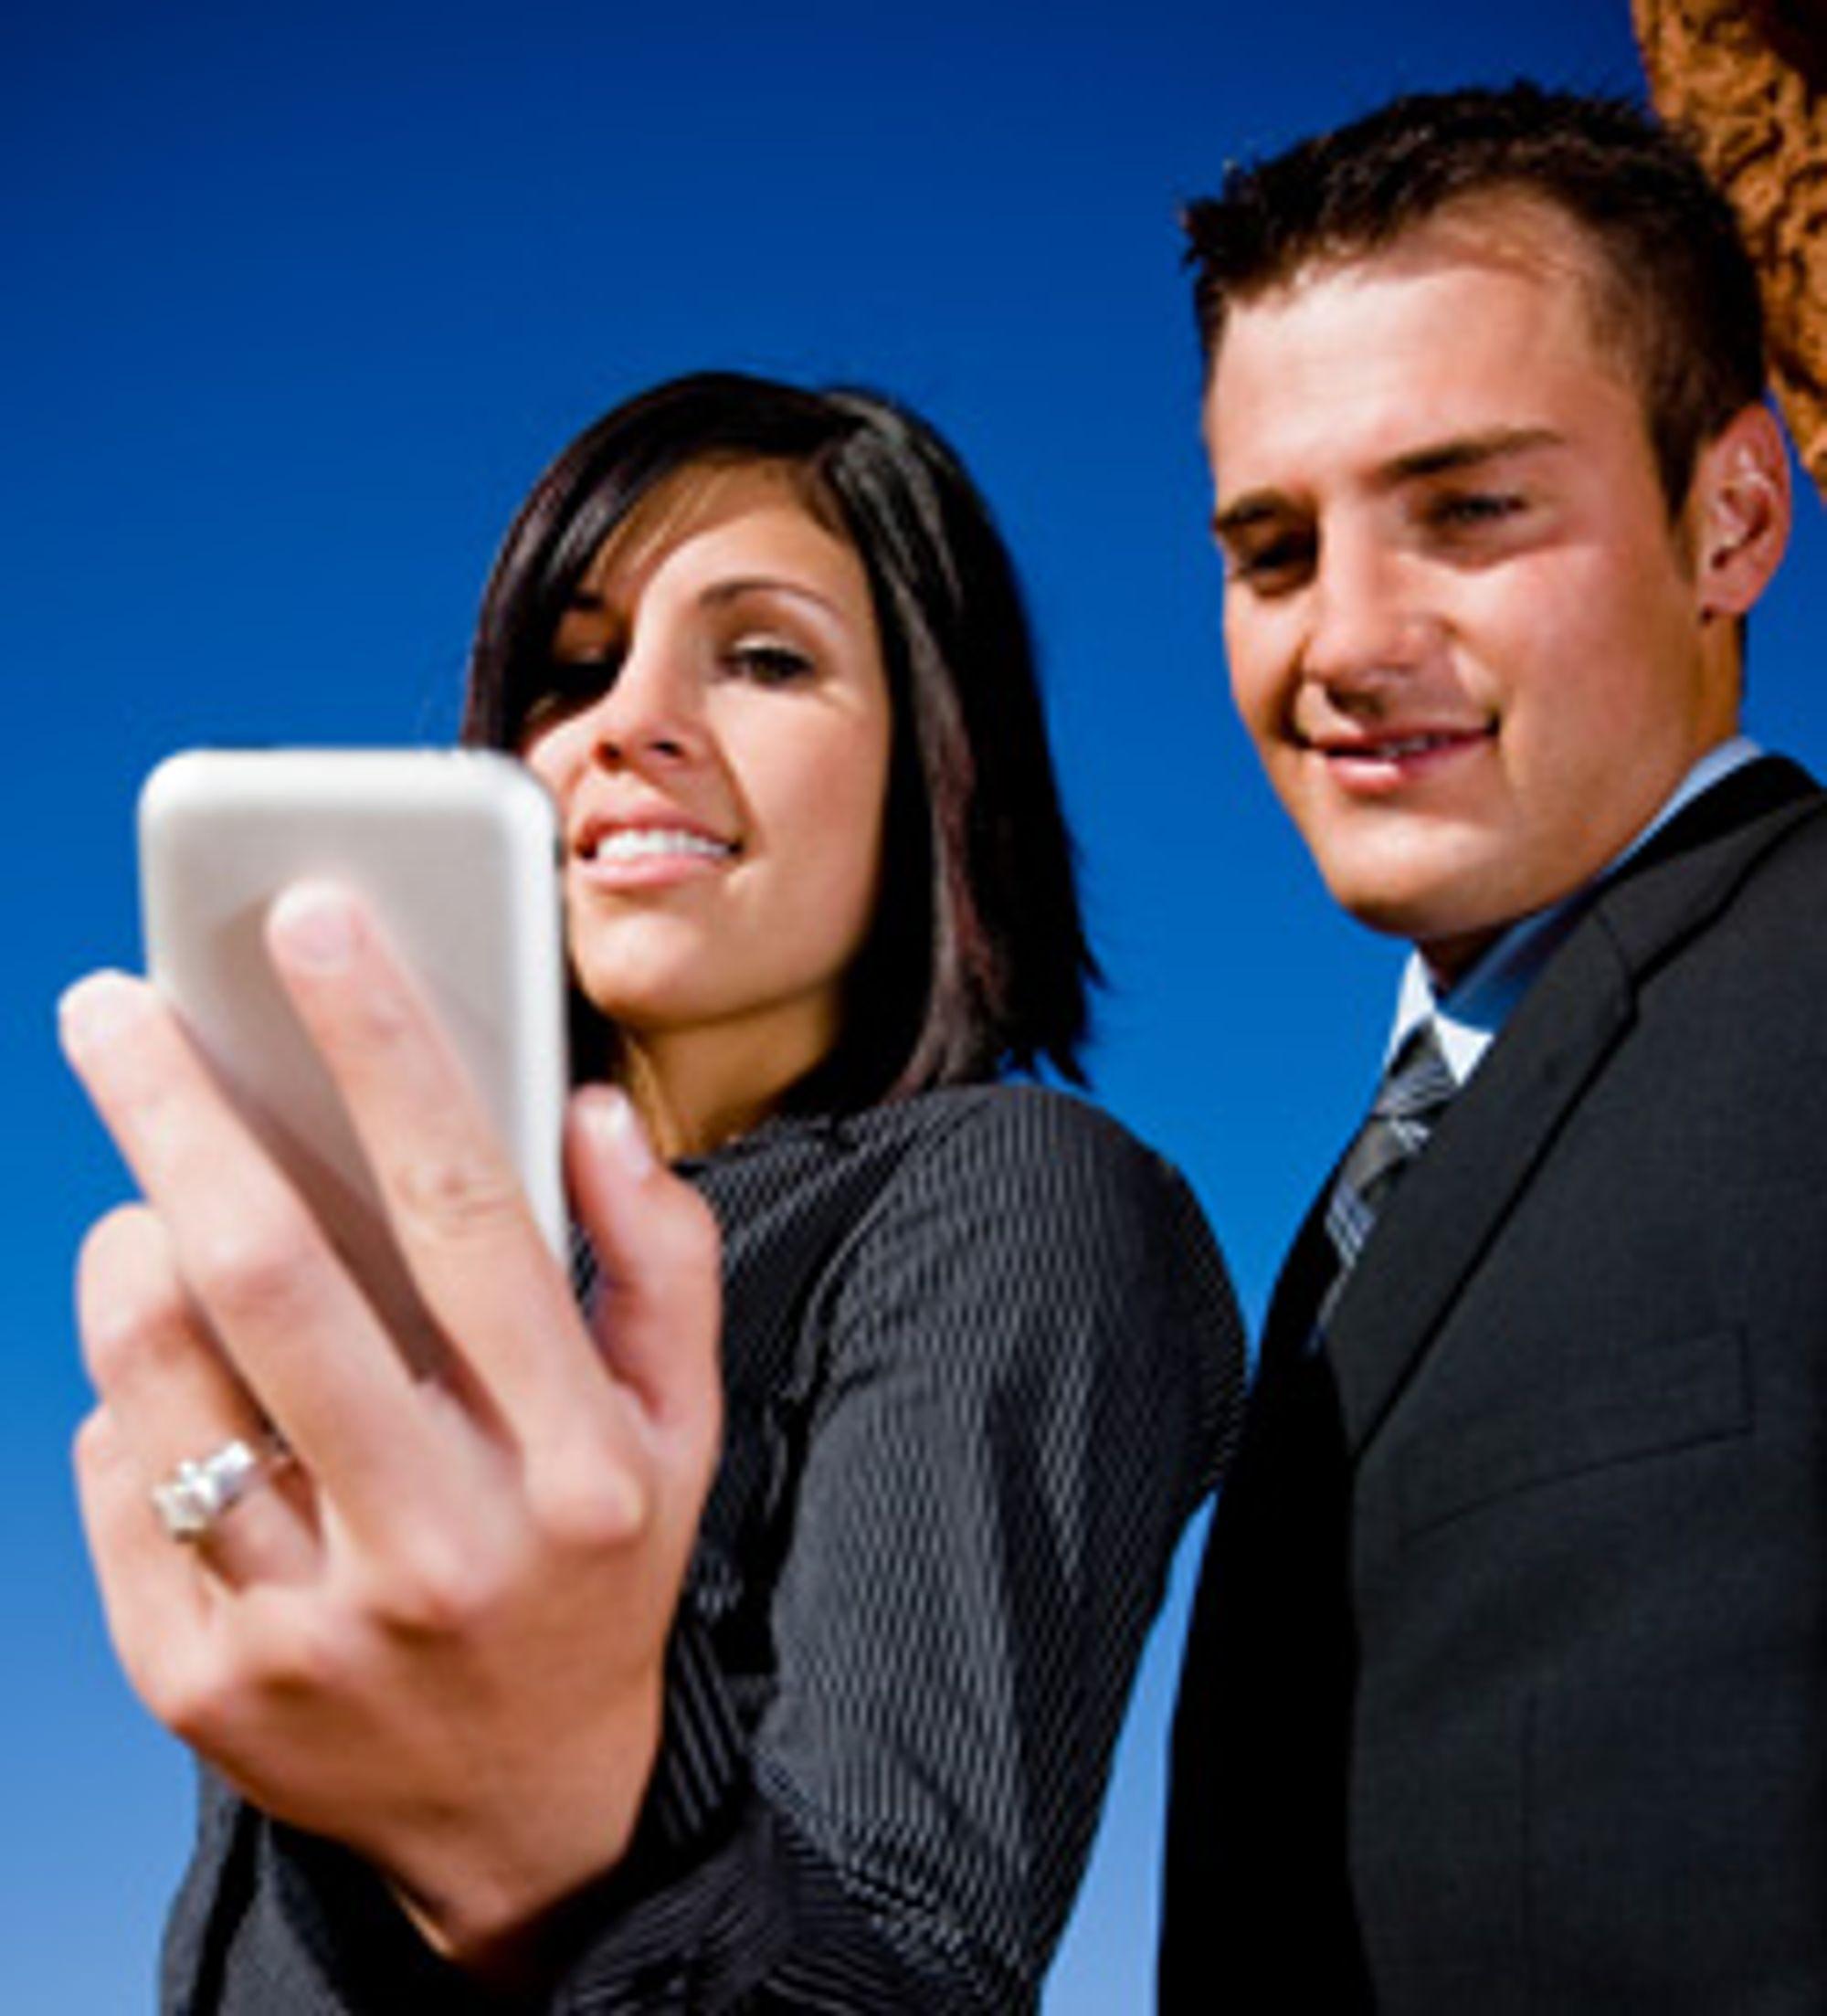 Bevegelsessensor i mobilen vil bli mer populært i fremtiden, spås det. (Foto: Istockhoto)